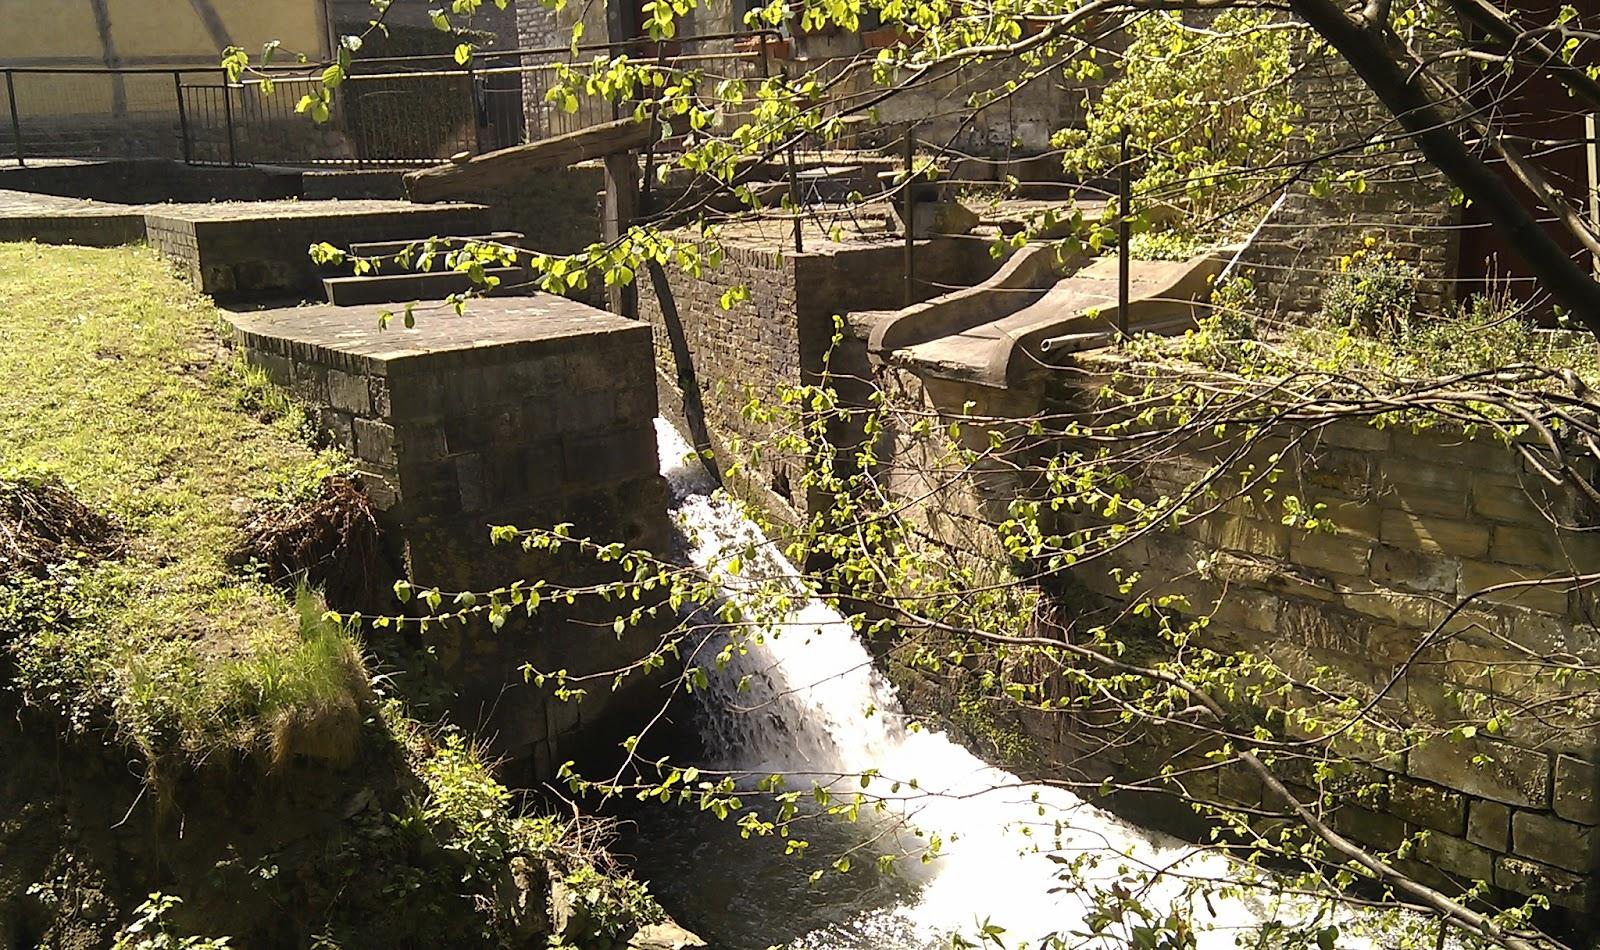 Zicht op rivier de Voer nabij kasteel Eijsden